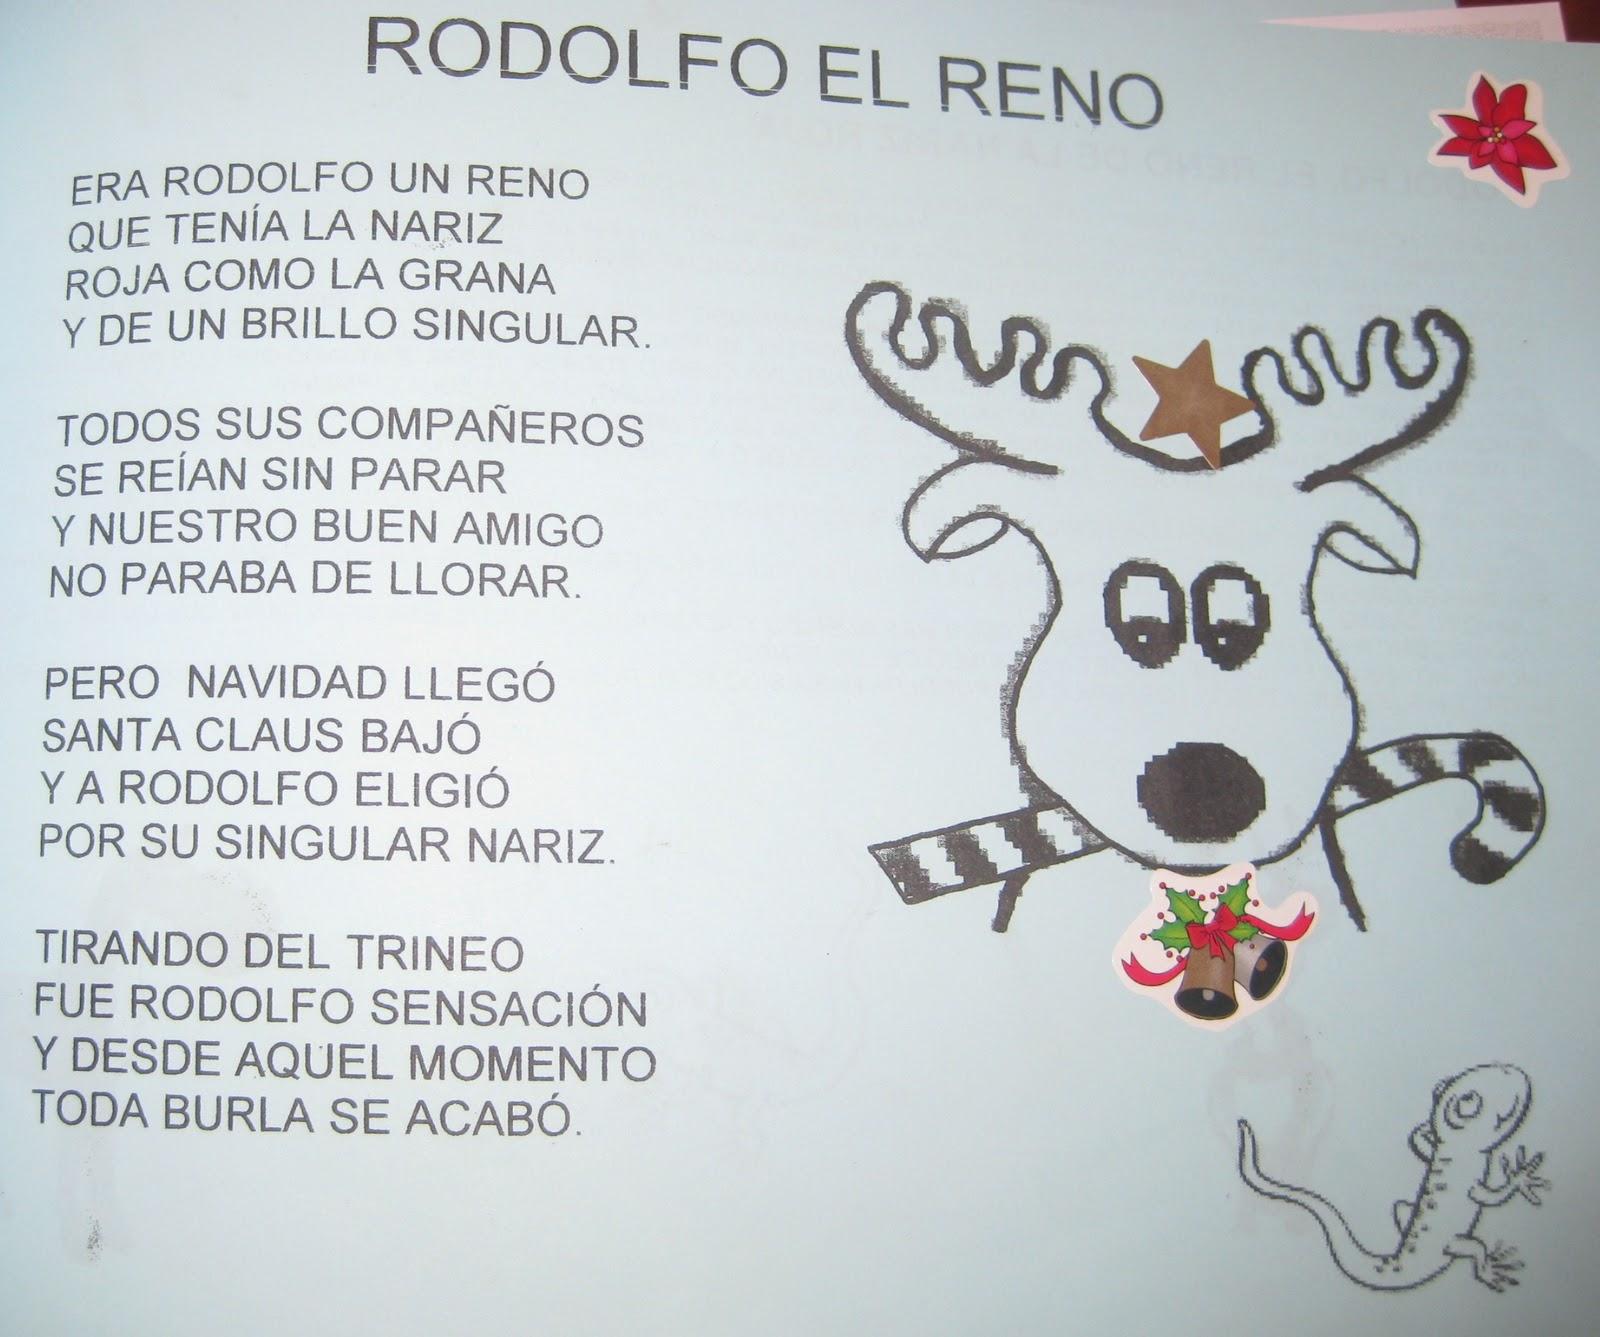 villancicos navideños rodolfo el reno lyrics